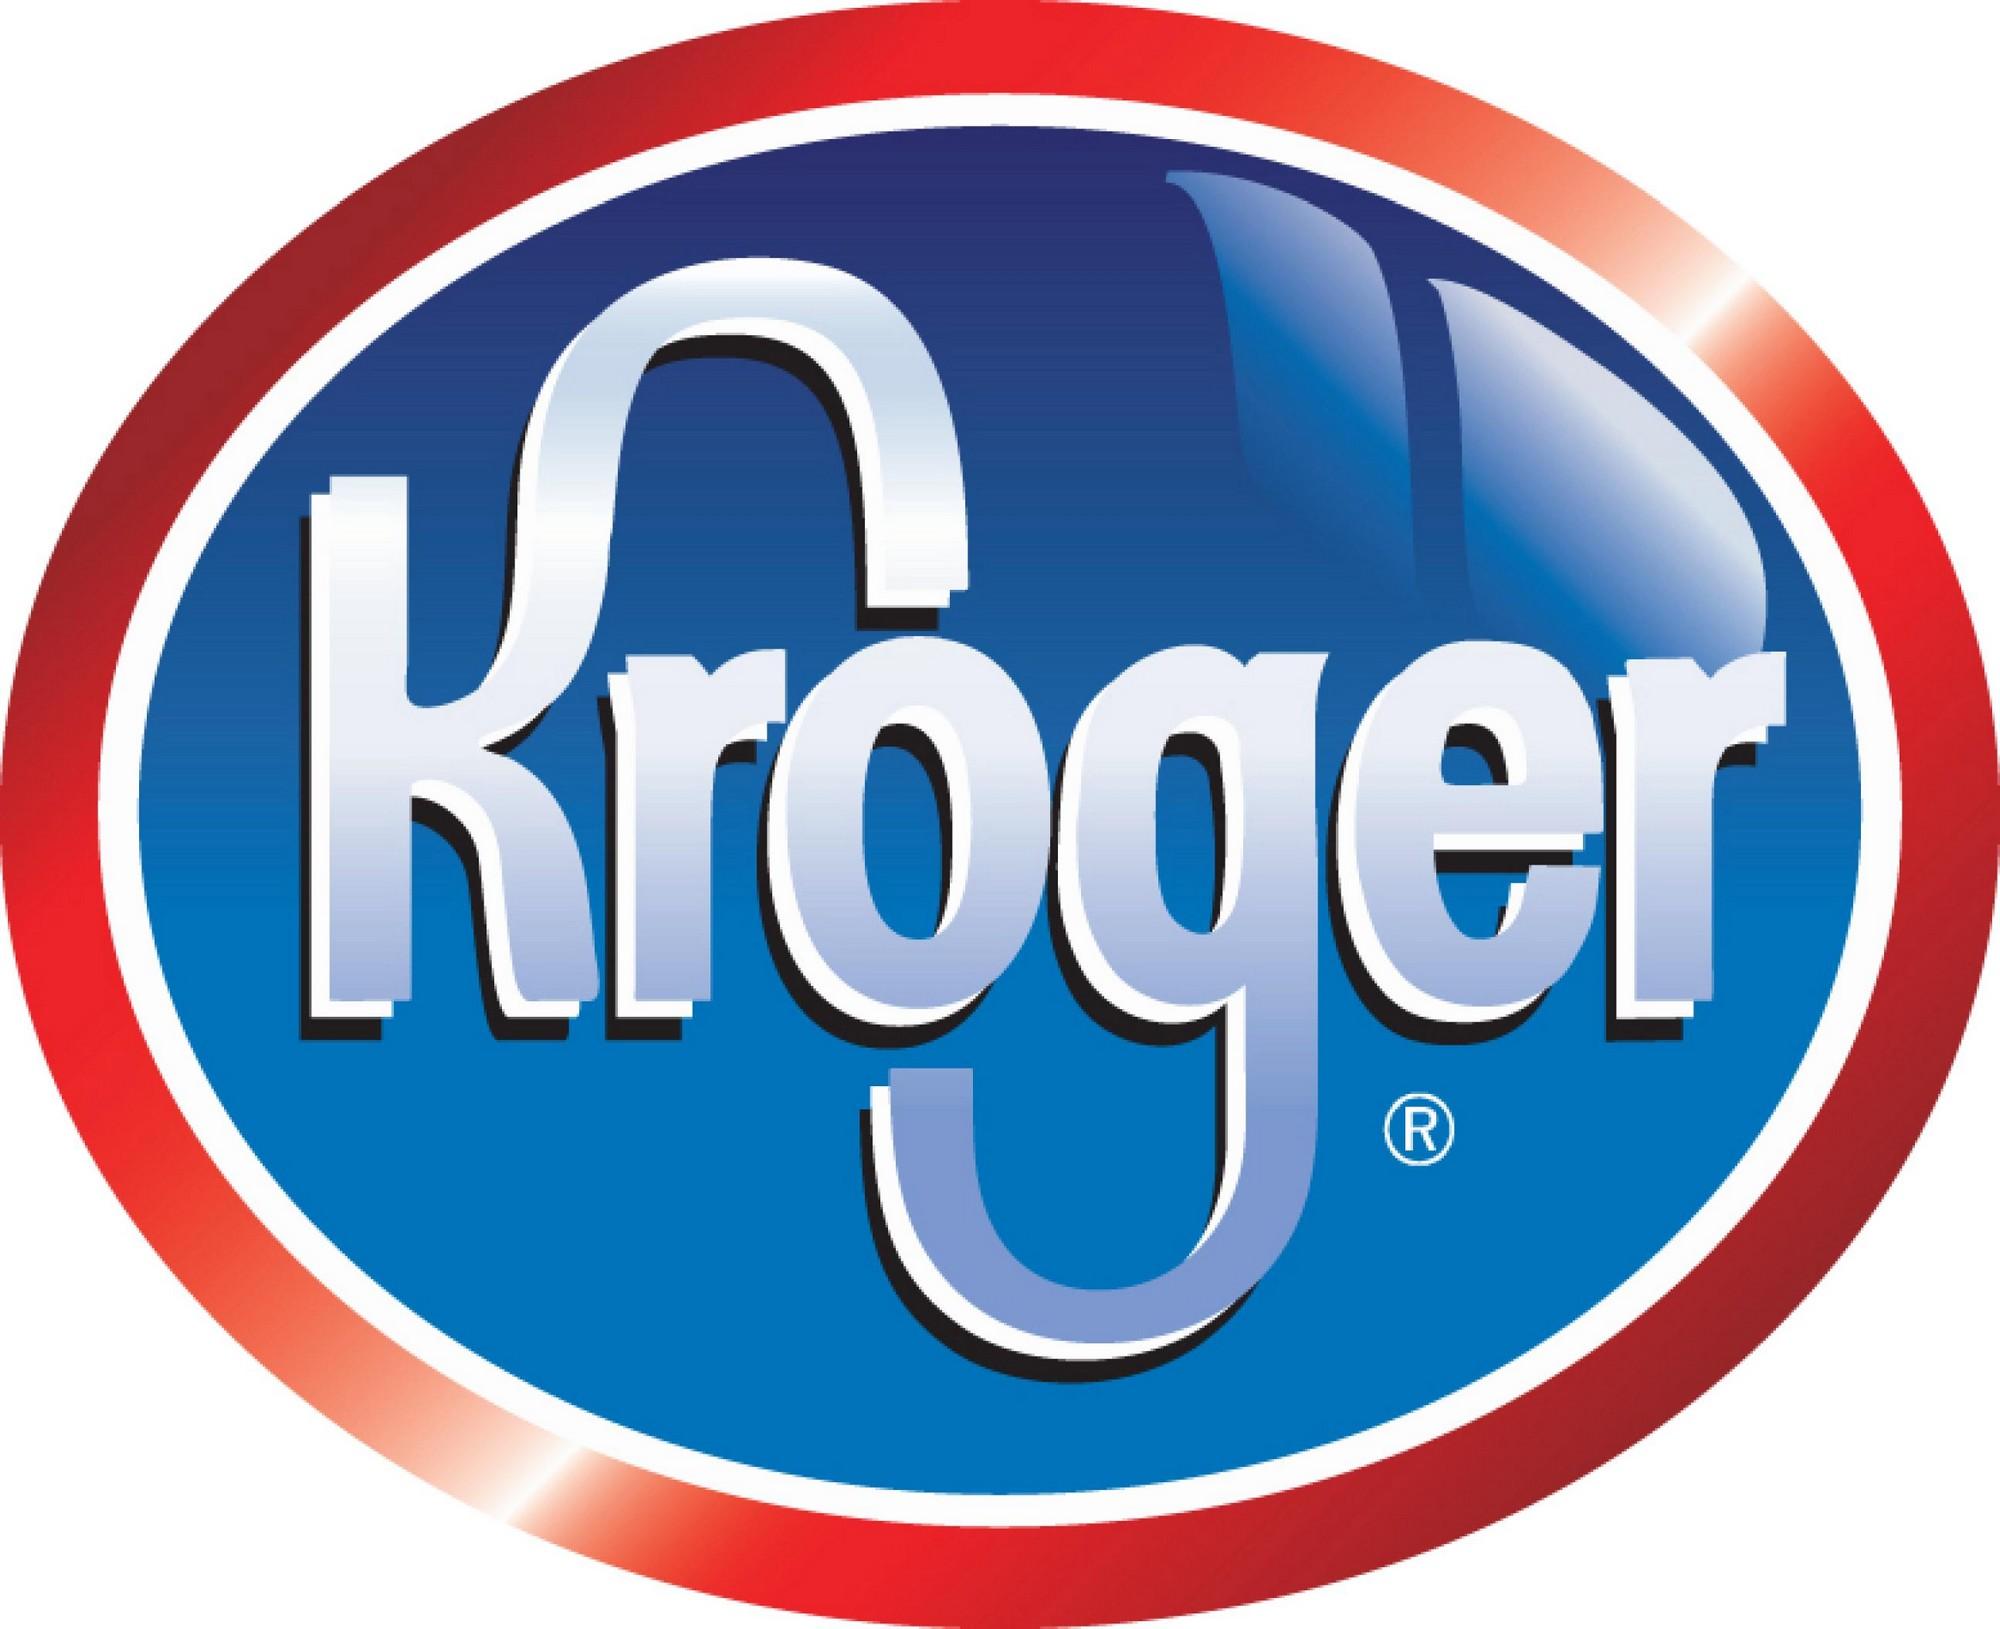 Kroger clipart jpg black and white Kroger Logos jpg black and white